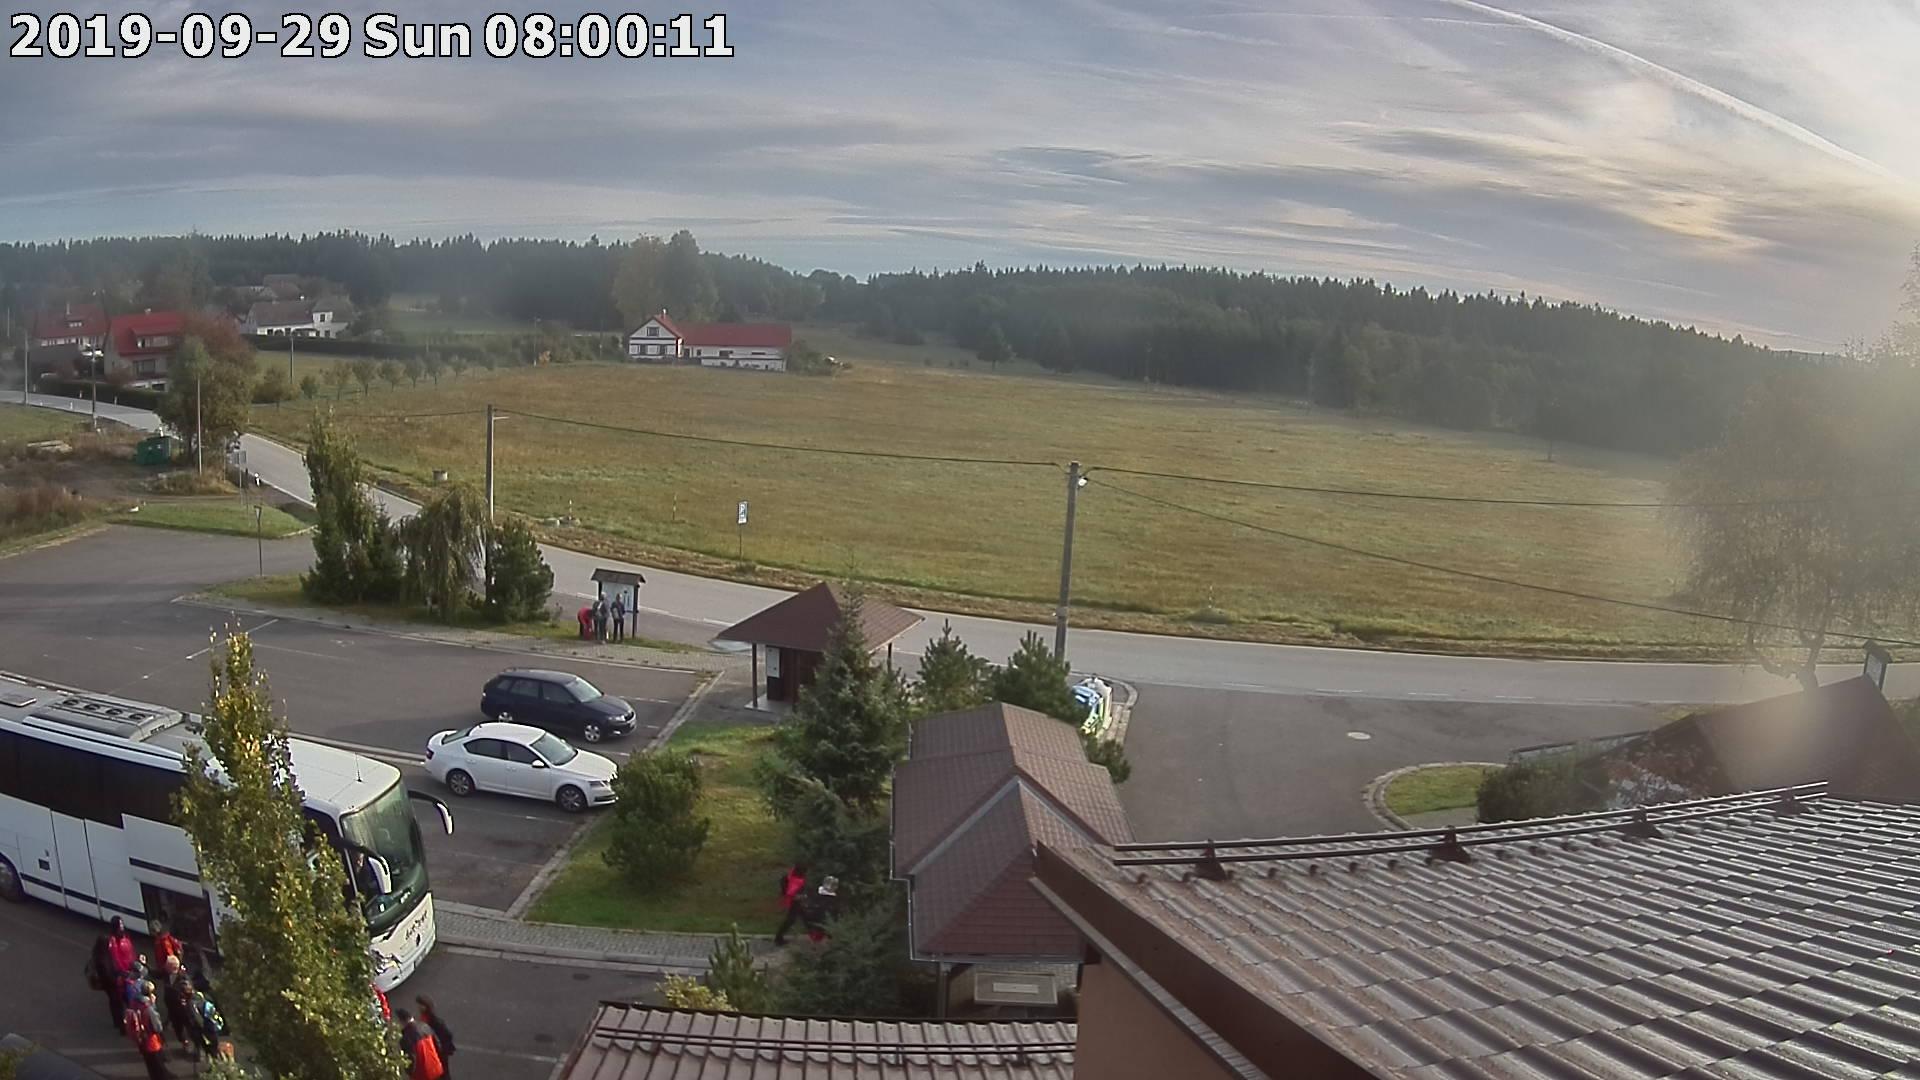 Webkamera ze dne 2019-09-29